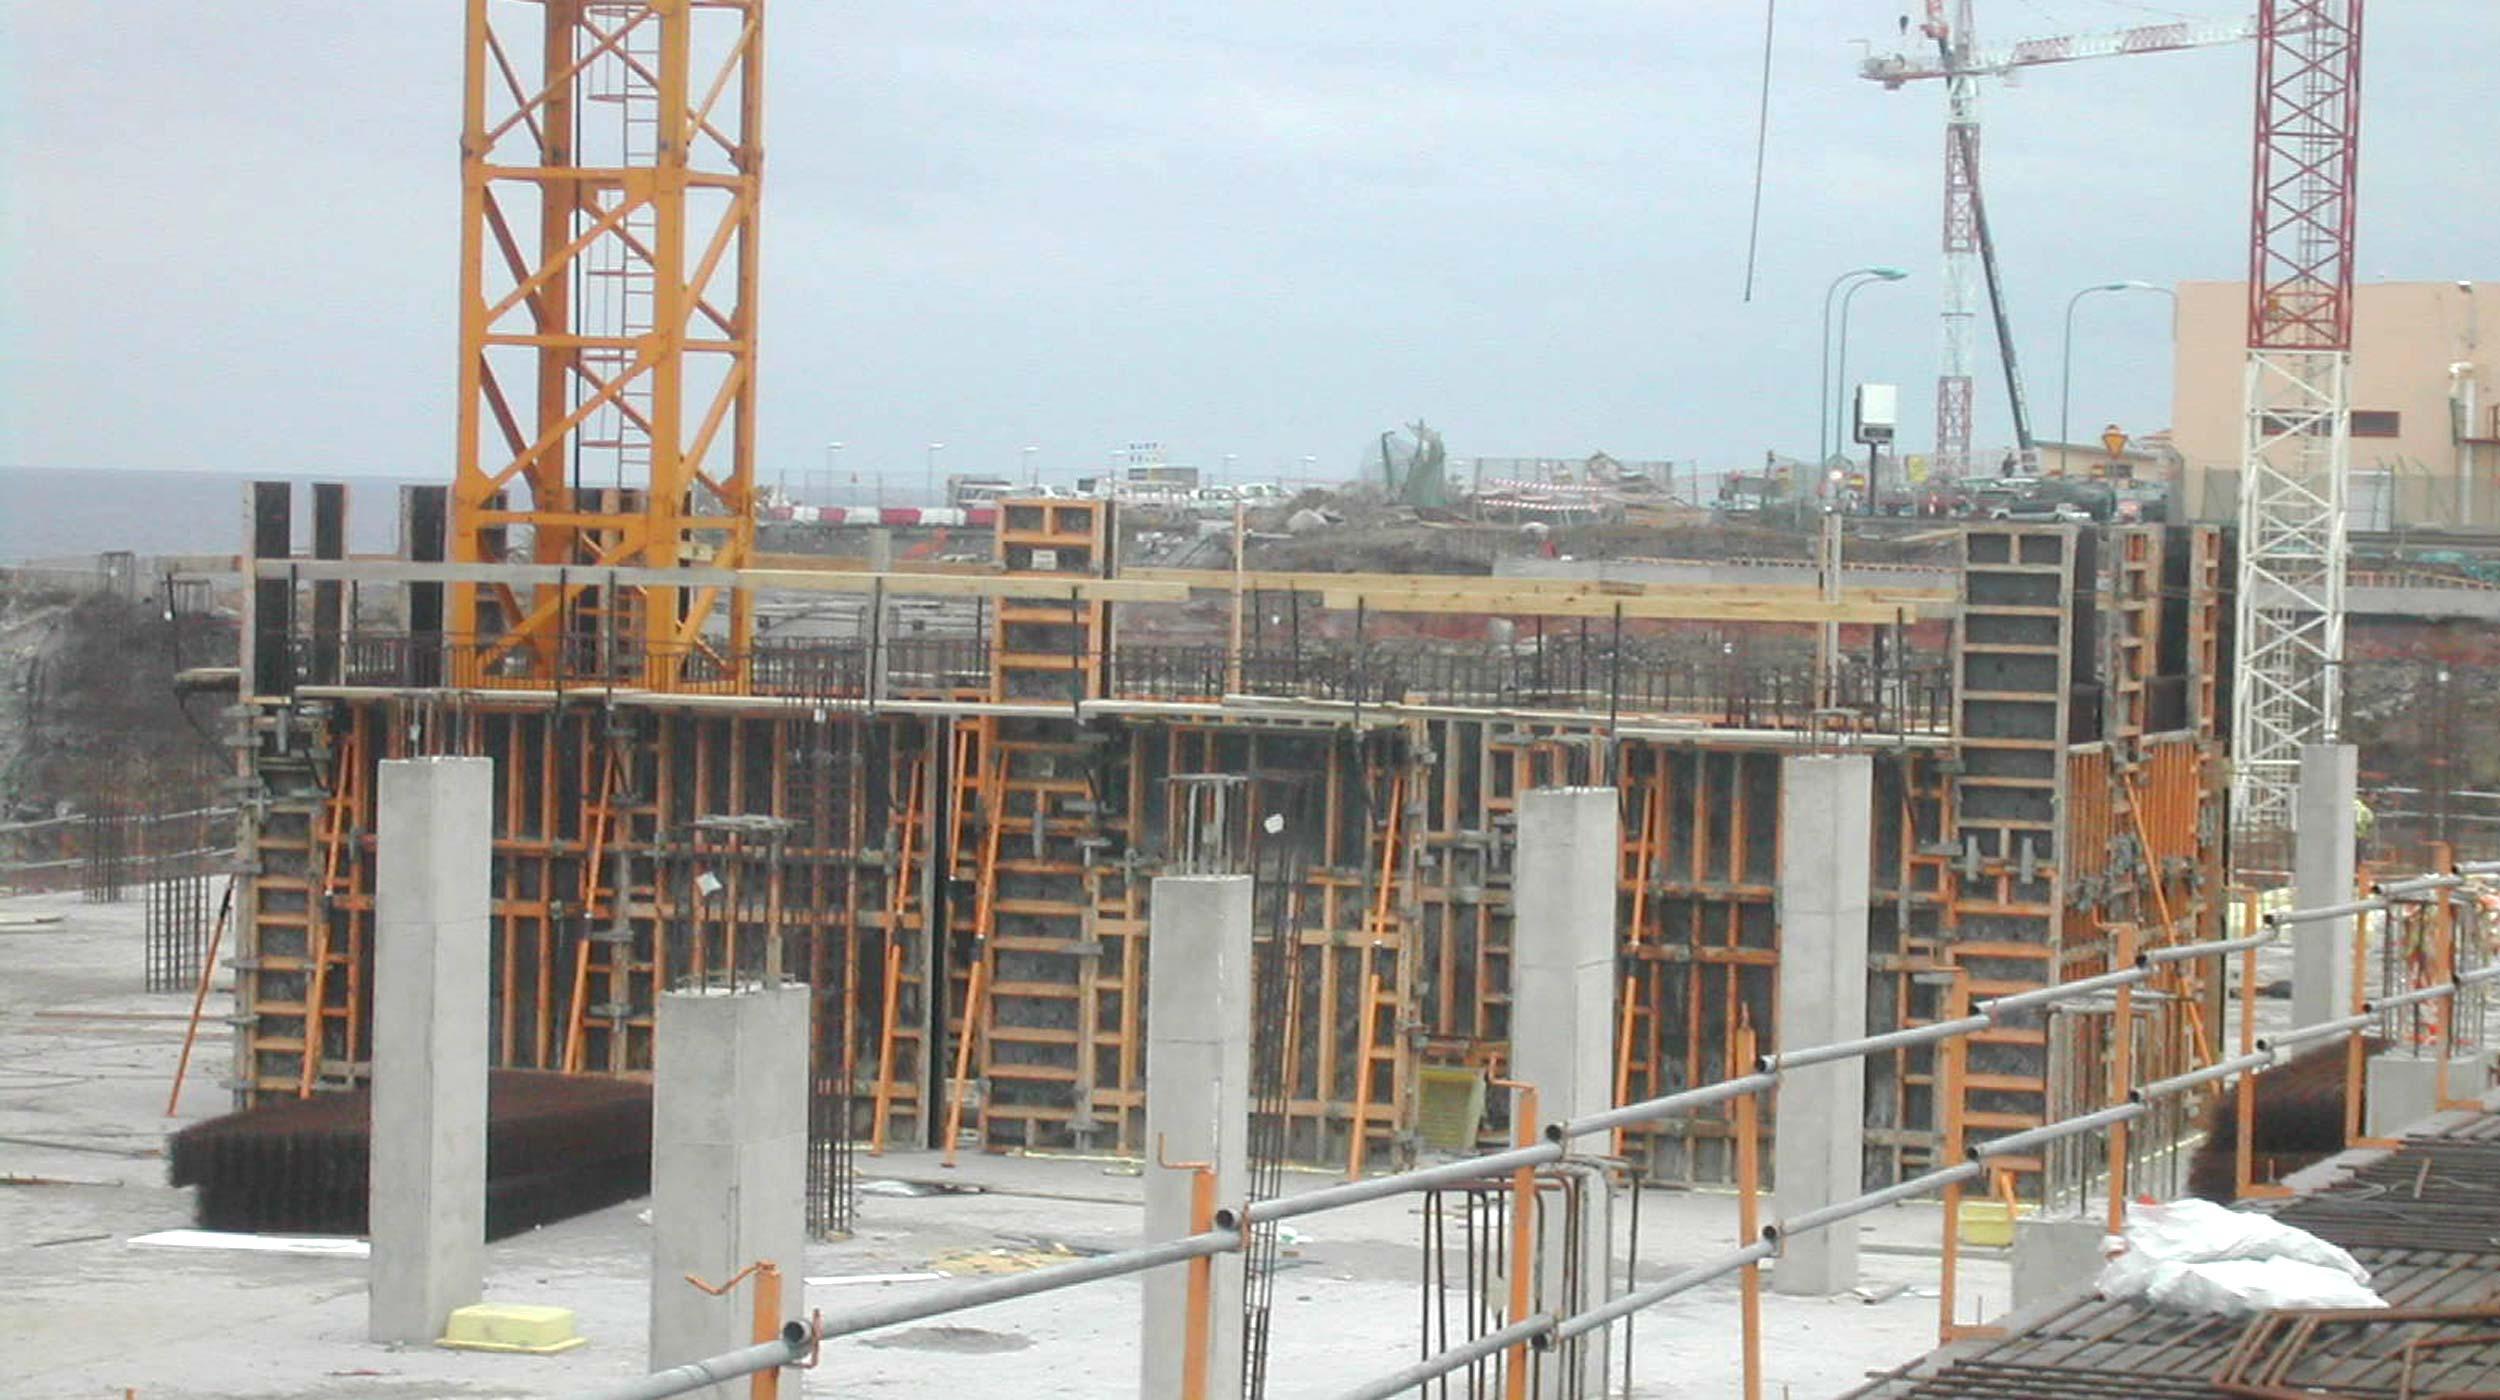 Las obras de reforma y ampliación del aeropuerto de La Palma constituyen, en realidad, la construcción de prácticamente un aeródromo nuevo.